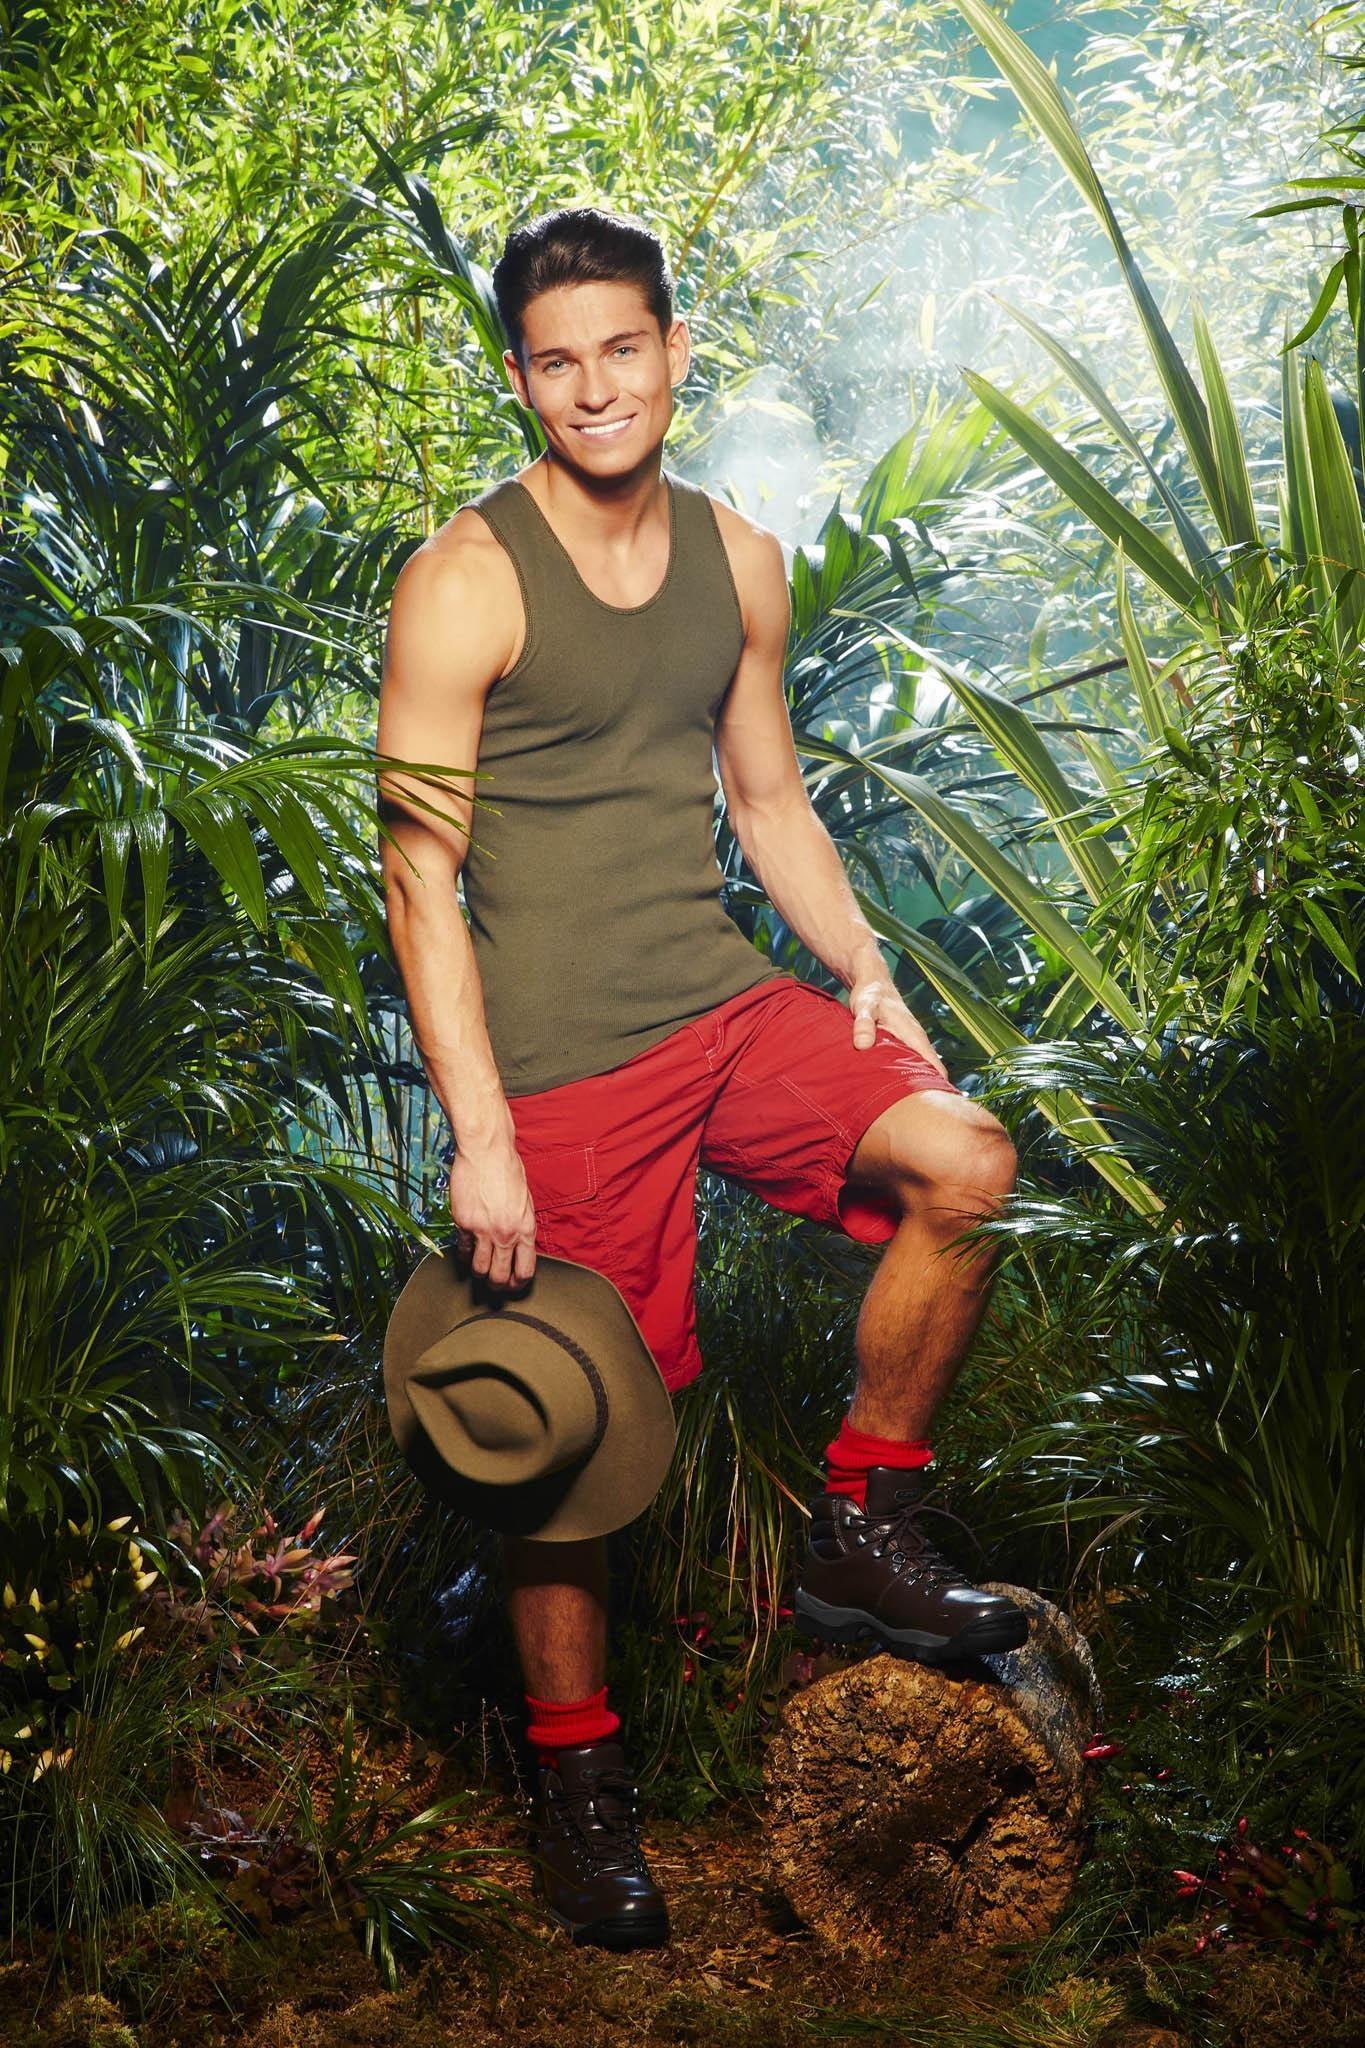 I'm a Celebrity 2013: TOWIE reality TV star Joey Essex